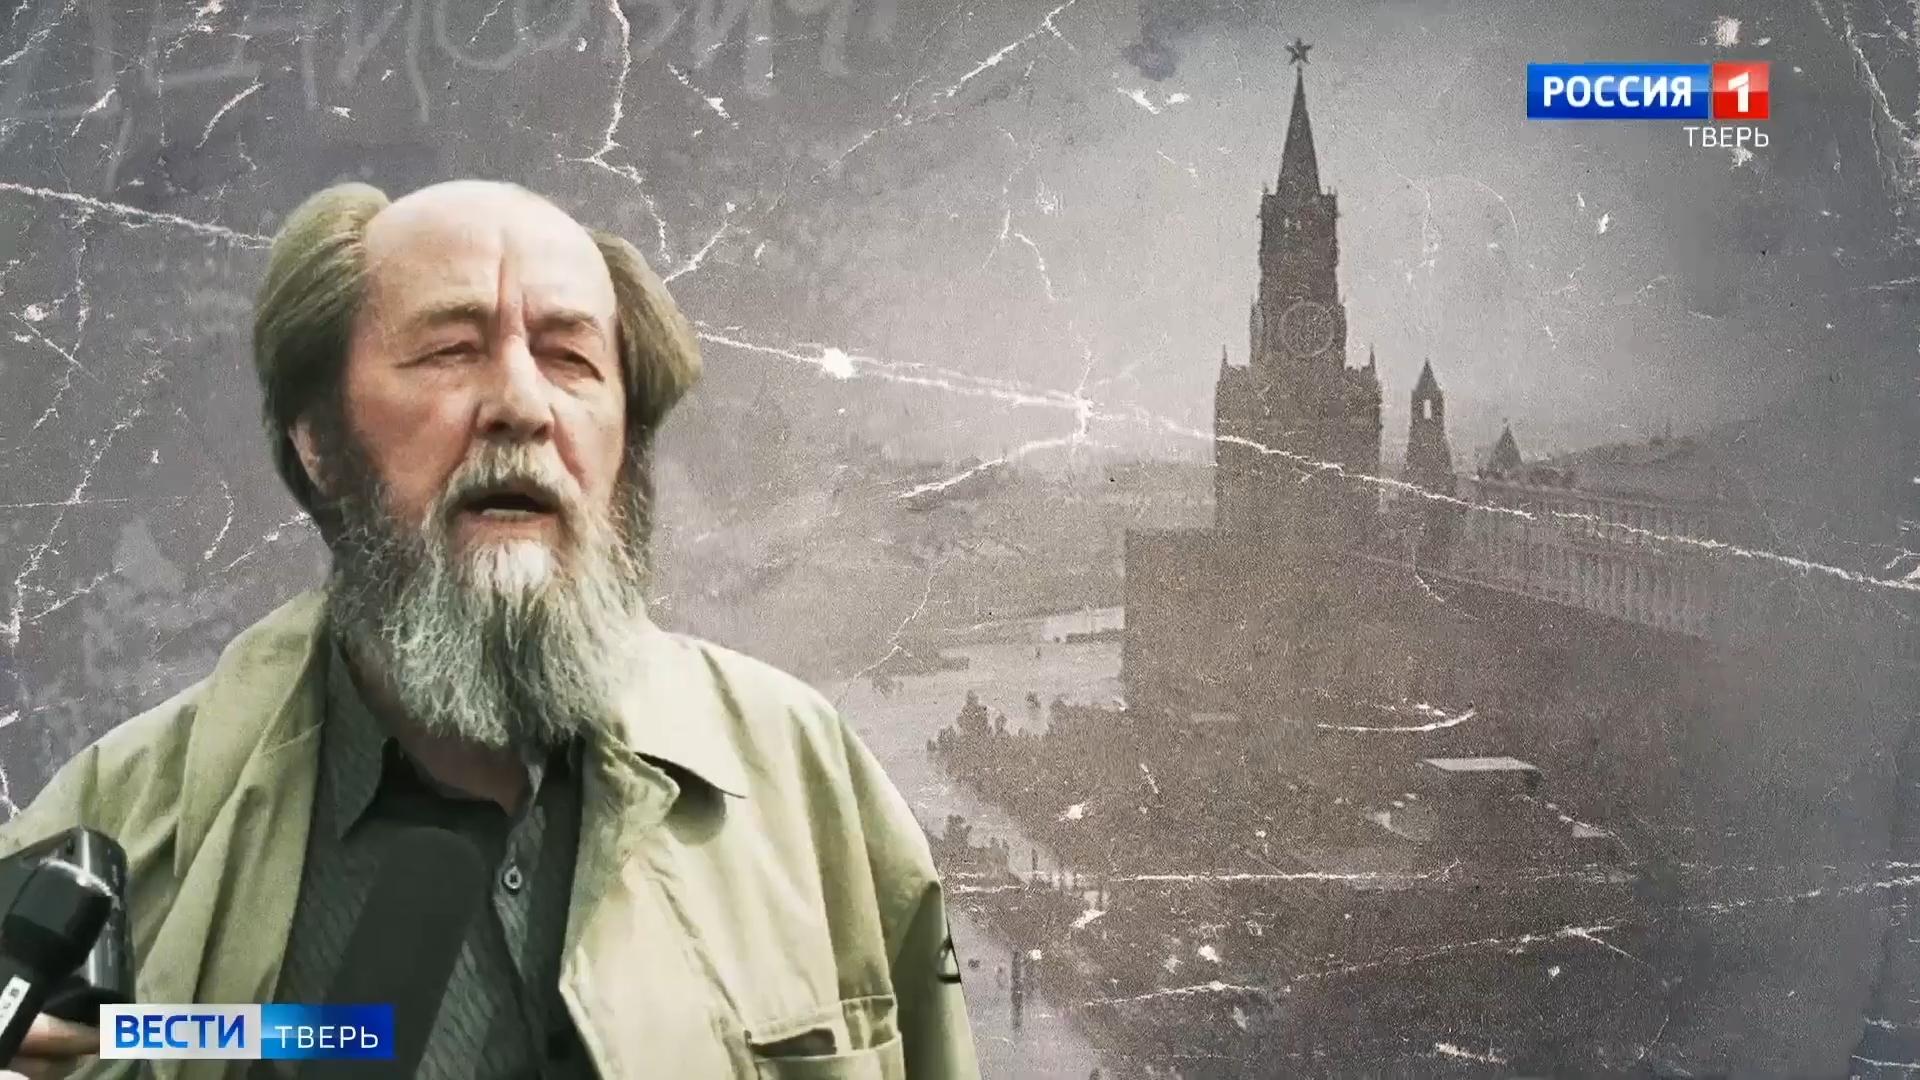 20200708_21-35-В Твери создадут новое граффити с изображением Александра Солженицына-scr16